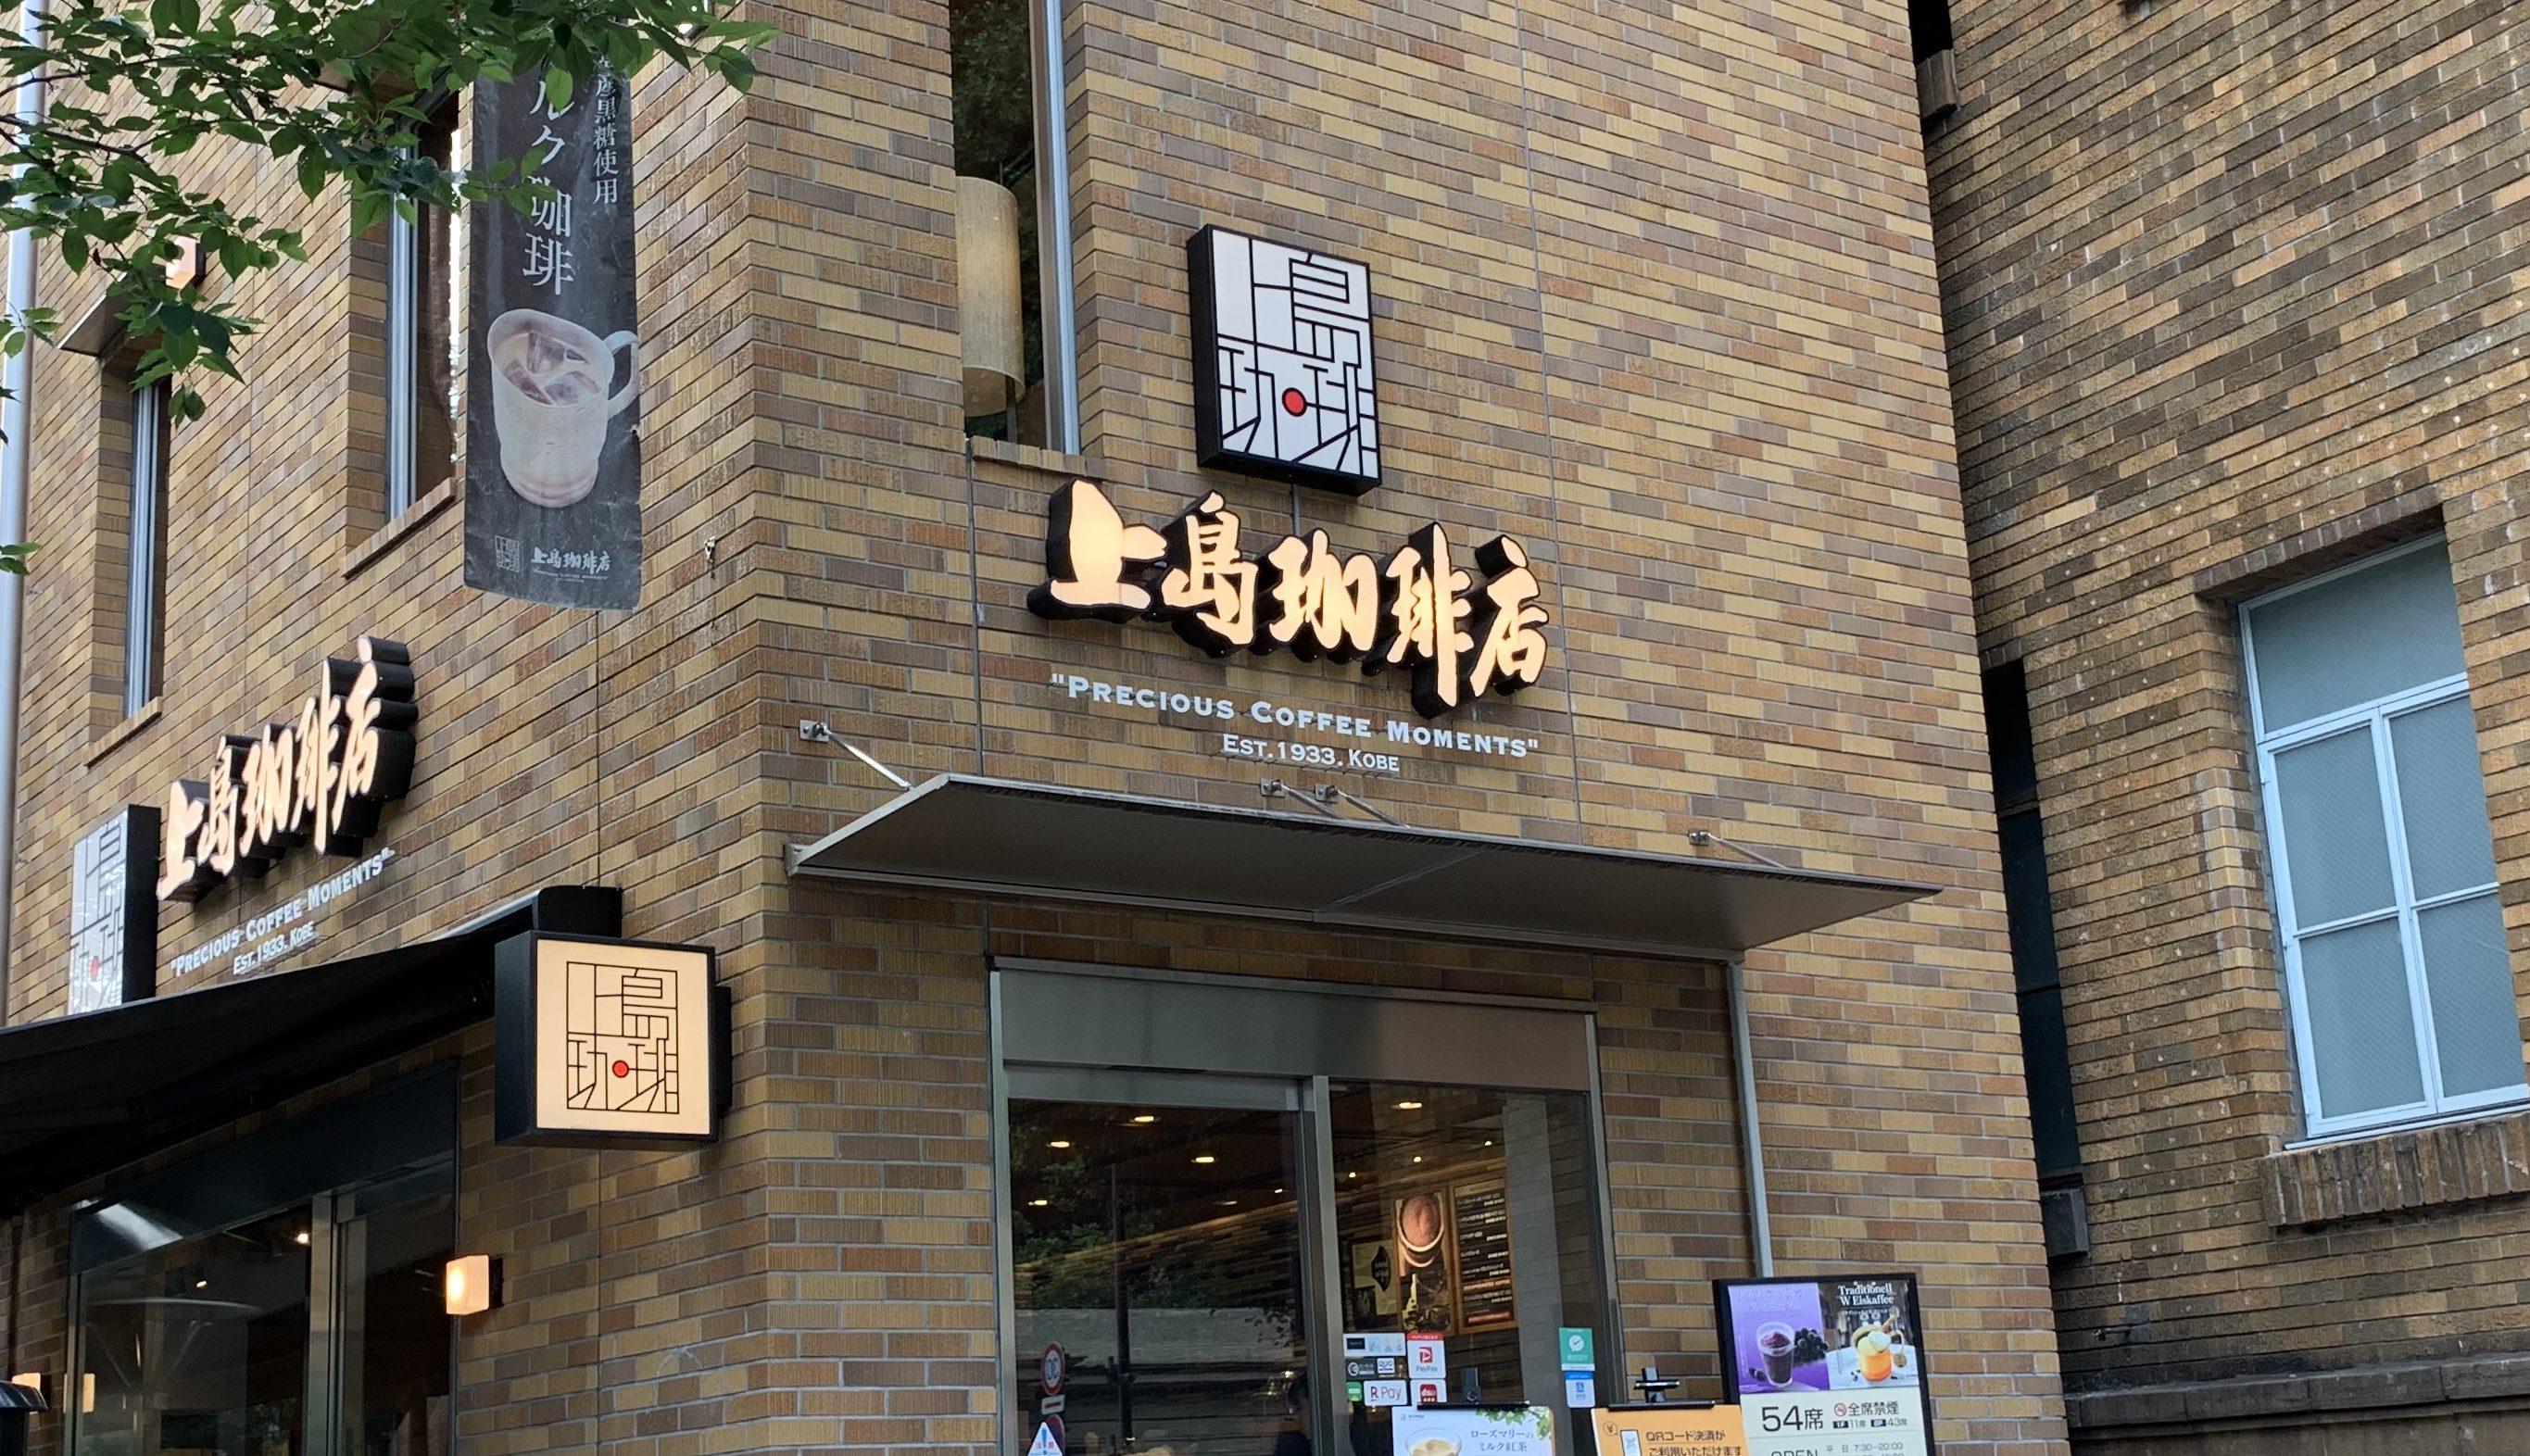 鶯谷駅(上野公園) 電源カフェ 上島珈琲店 黒田記念館店 Wi-Fi